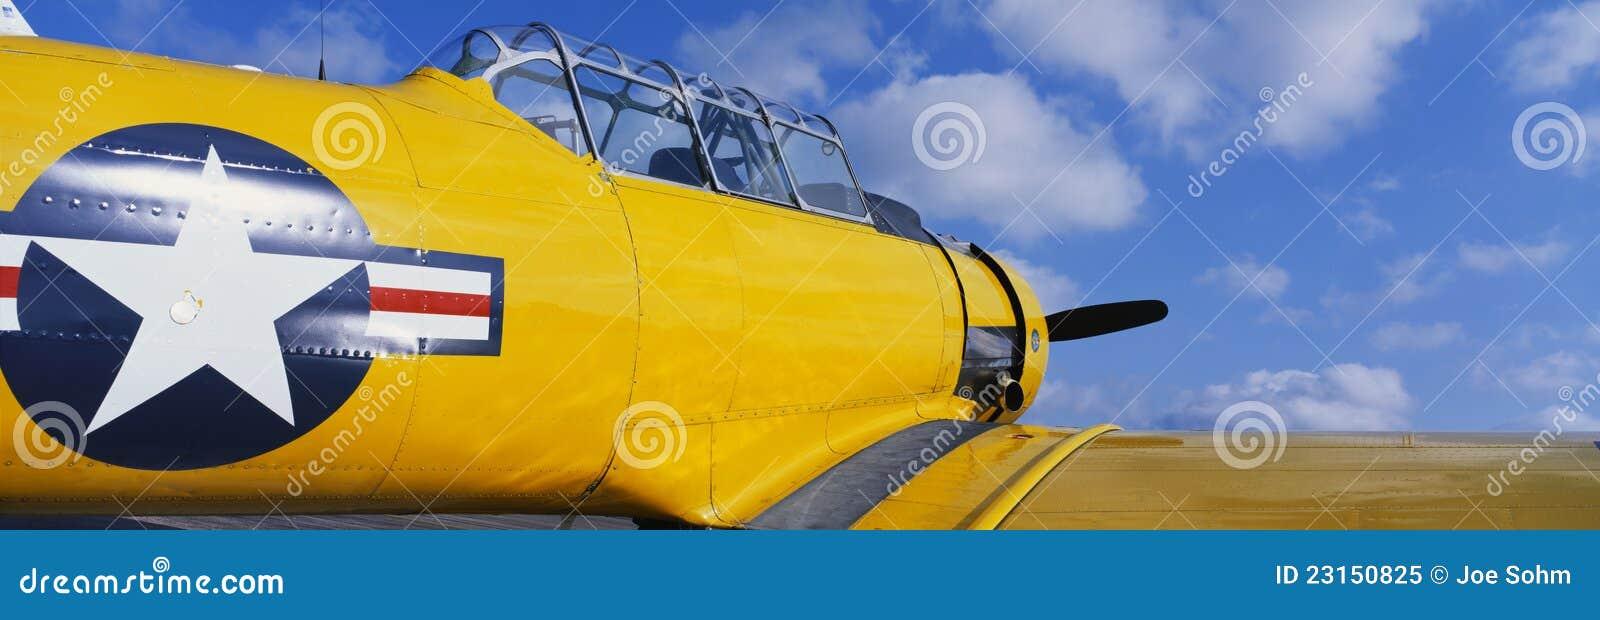 Желтый самолет Второй Мировой Войны сбора винограда